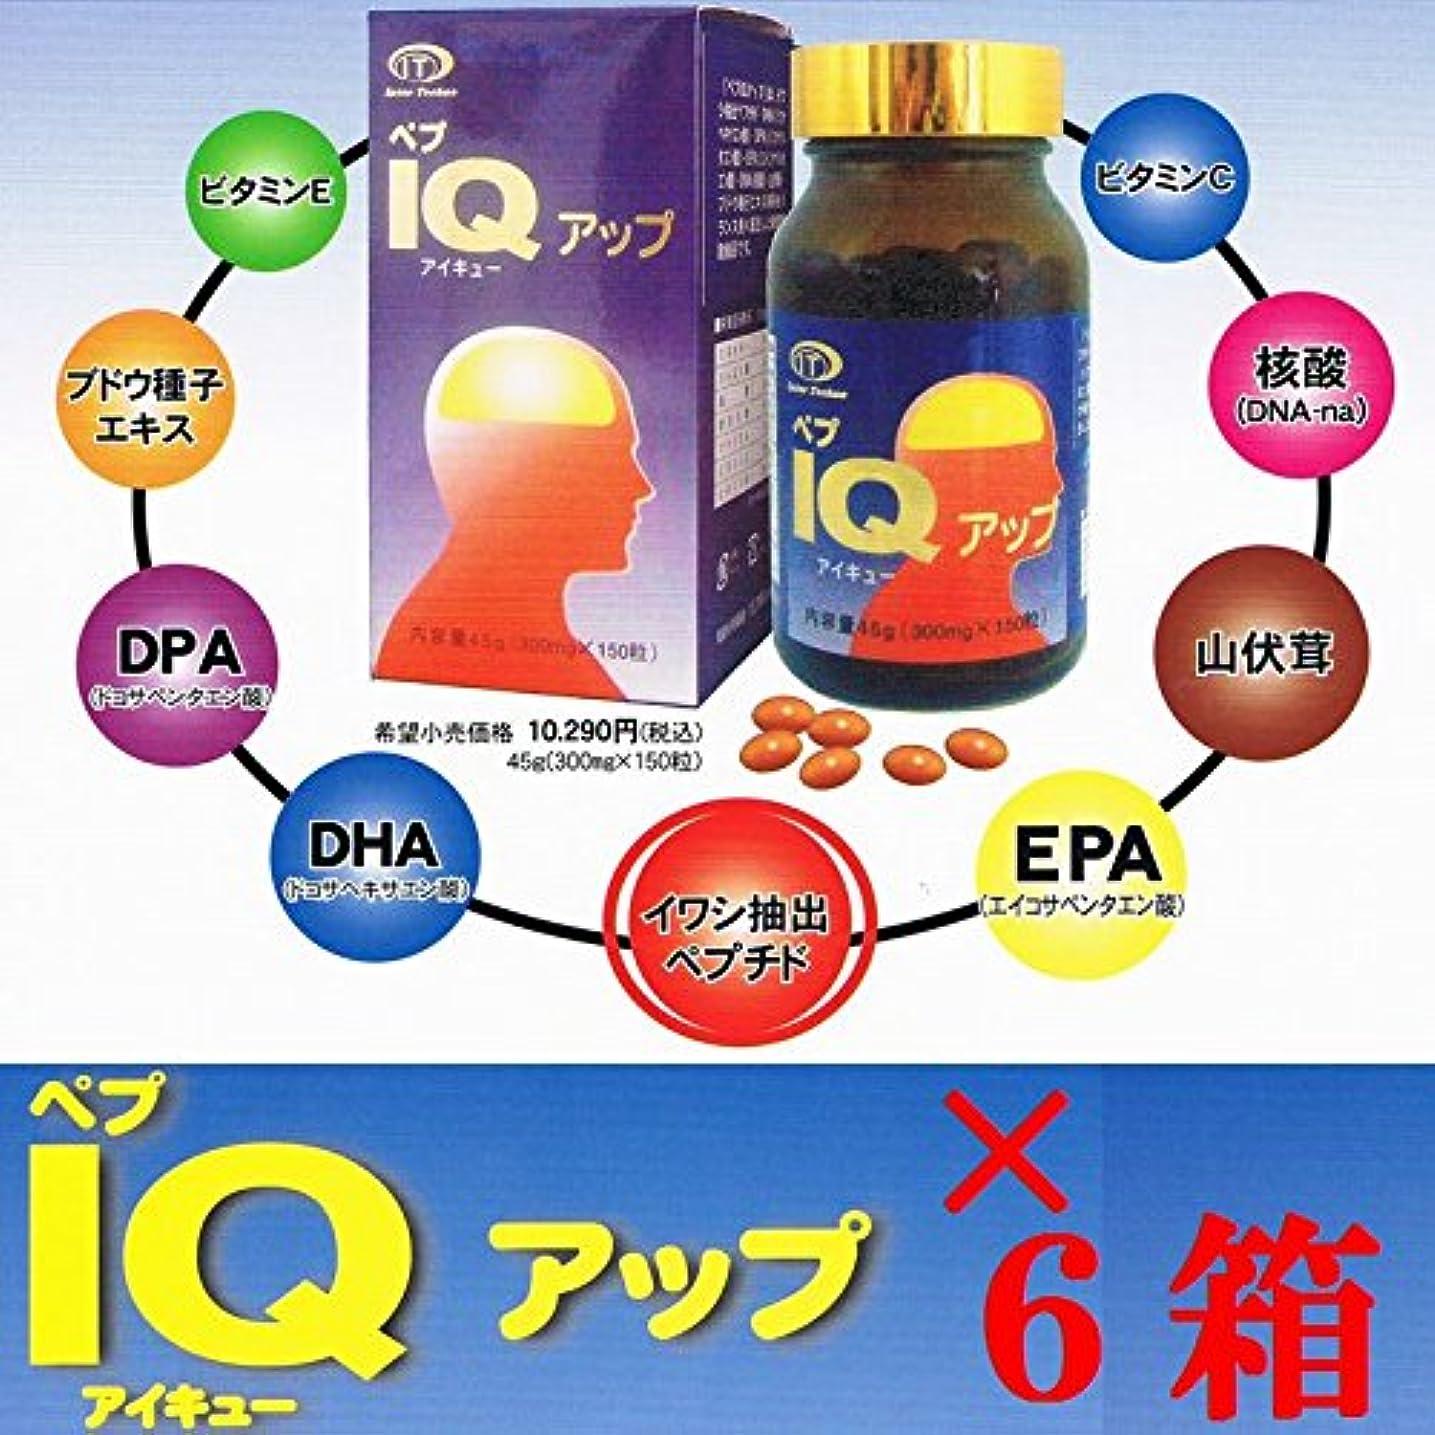 シーサイド悔い改めるラショナルペプIQアップ 150粒 ×超お得6箱セット 《記憶?思考、DHA、EPA》